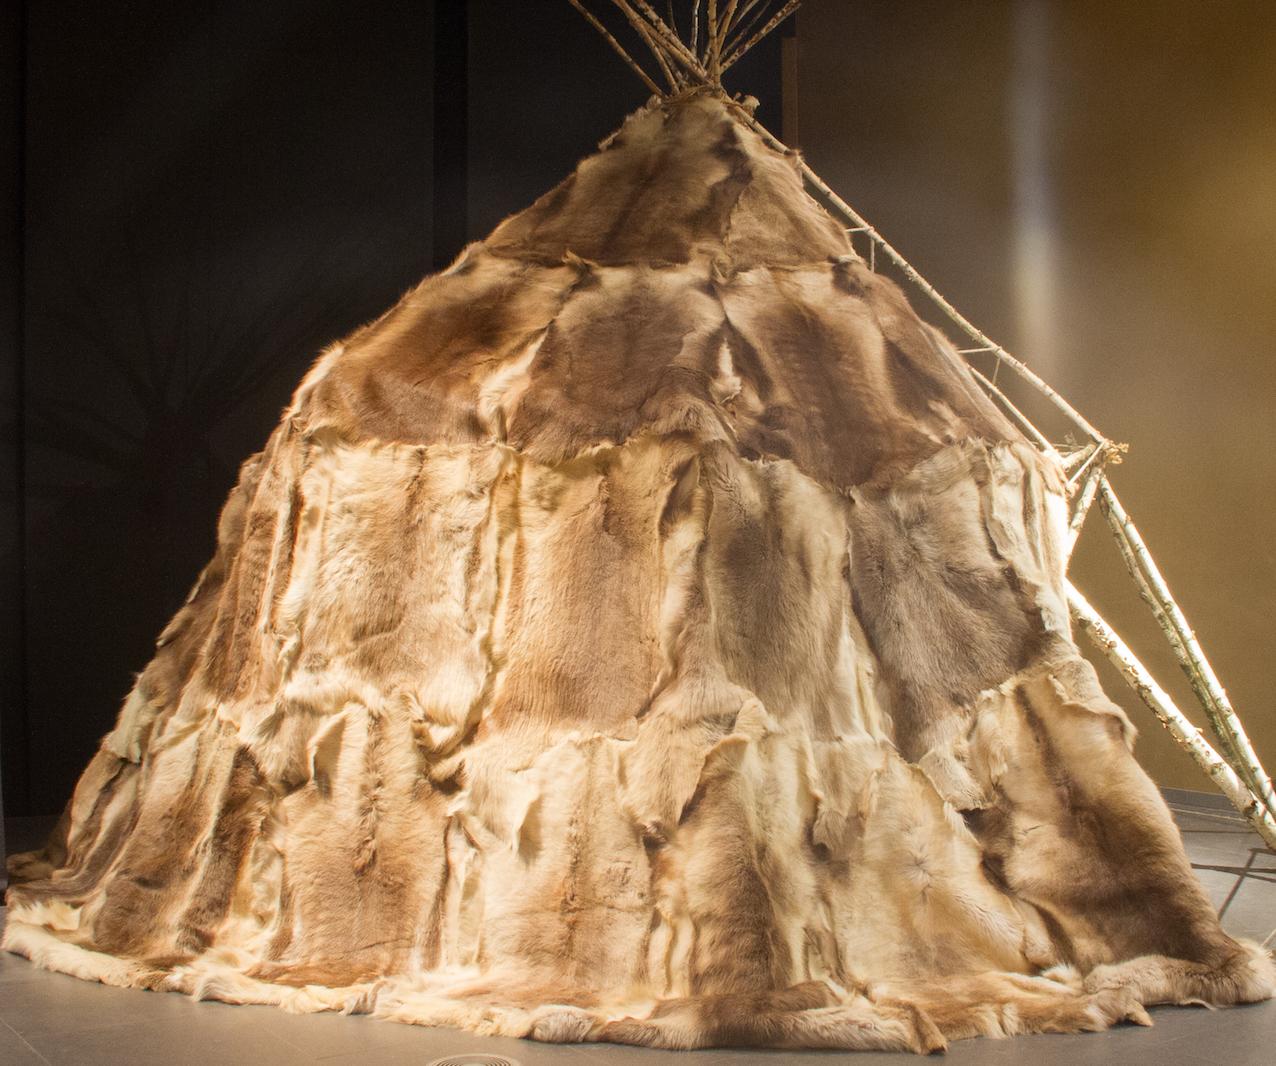 Reconstitution d'un habitat circulaire composé de peaux de rennes. © Laetitia Theunis